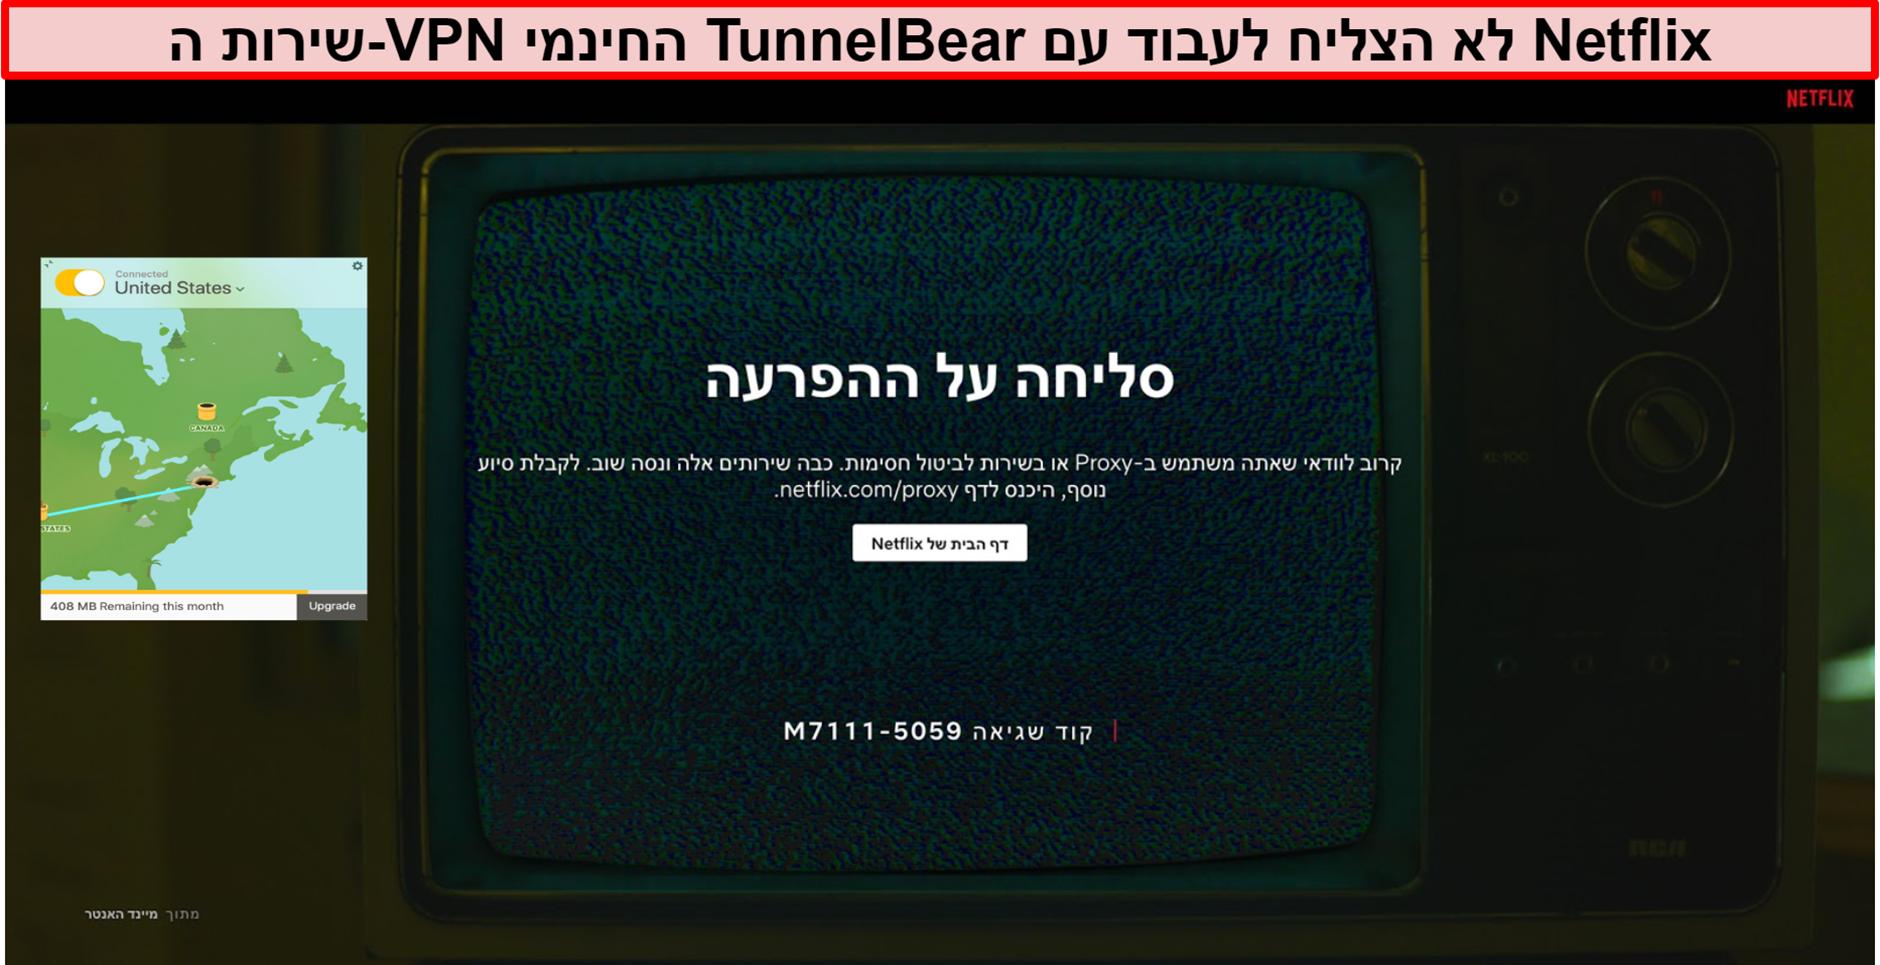 צילום מסך של TunnelBear VPN המחובר לארה